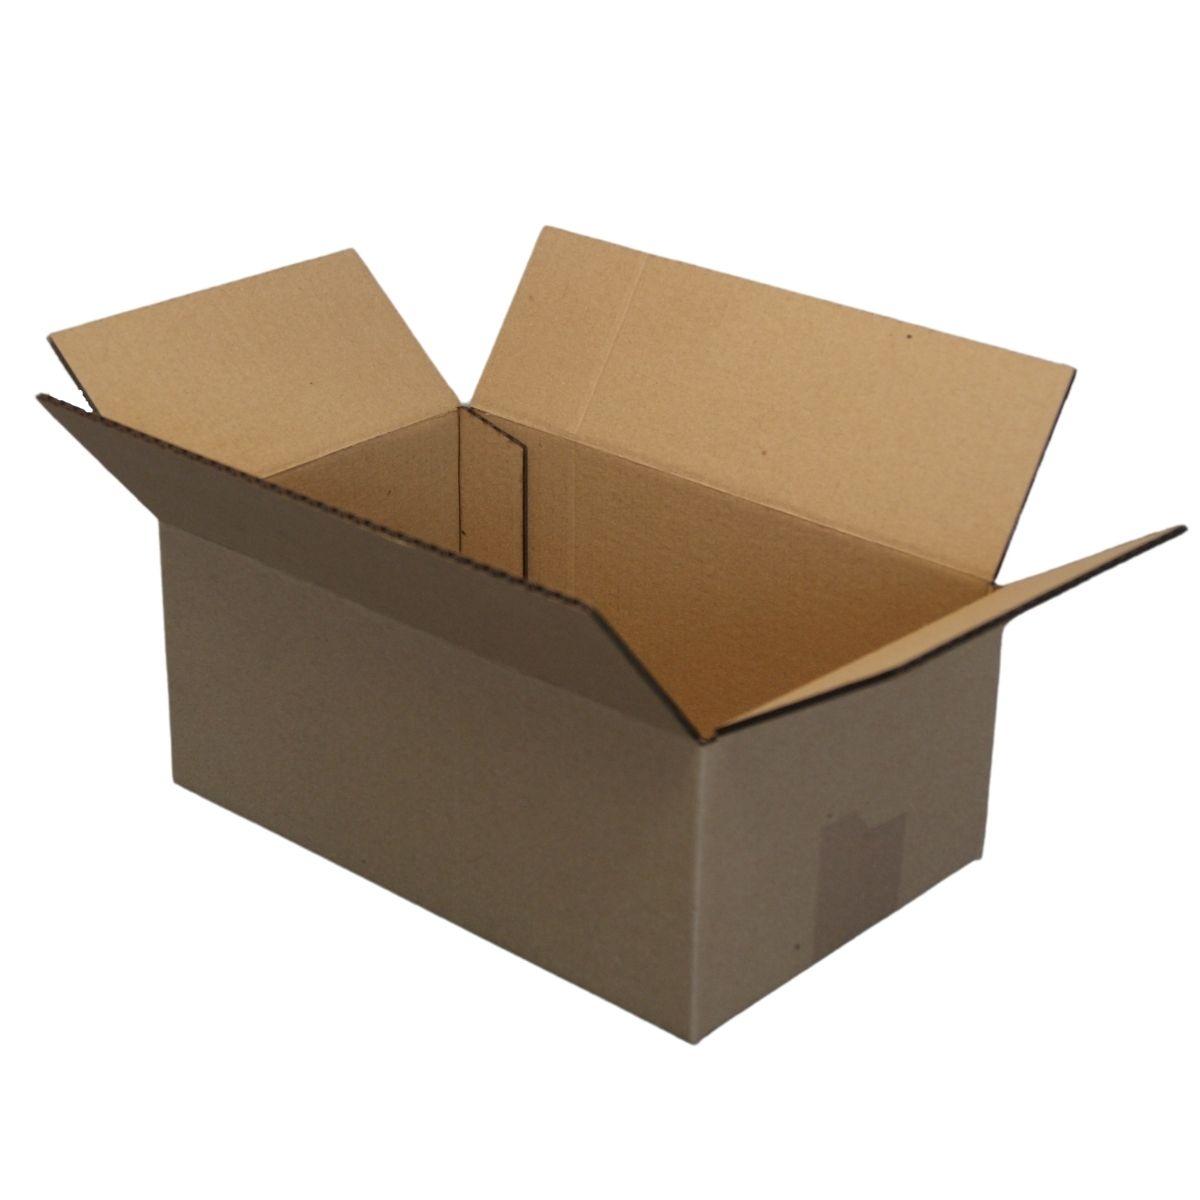 25 Caixas de Papelao (24X15X10)cm - Sedex / Pac / Correios